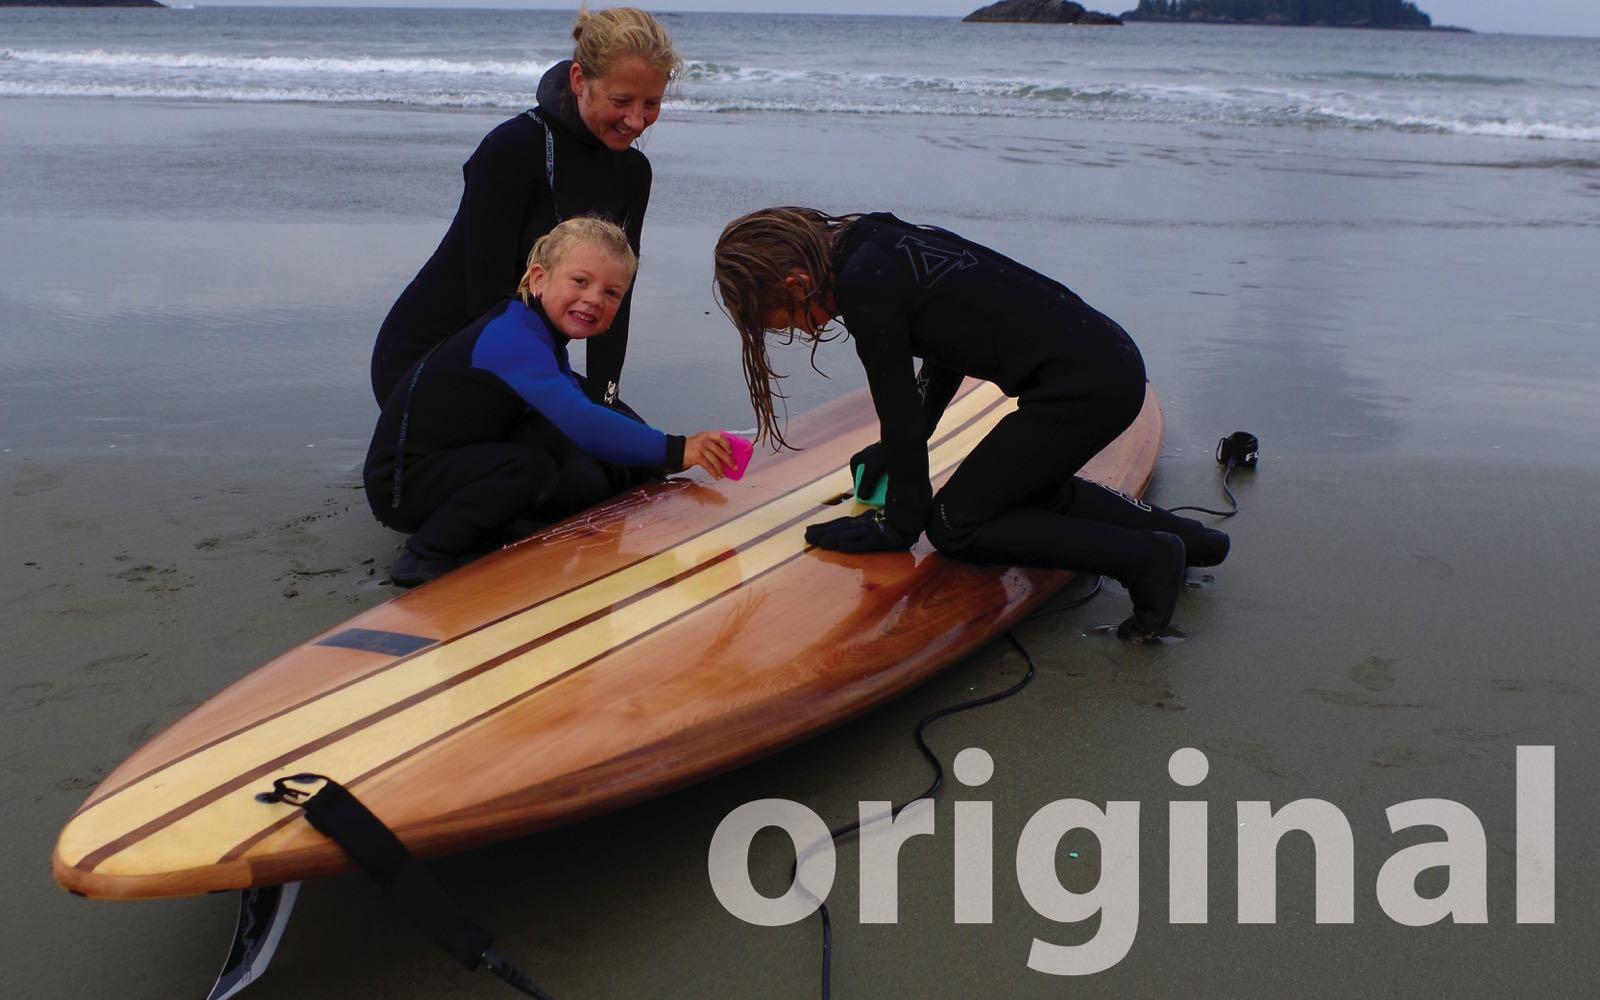 original-custom-wood-paddle-board